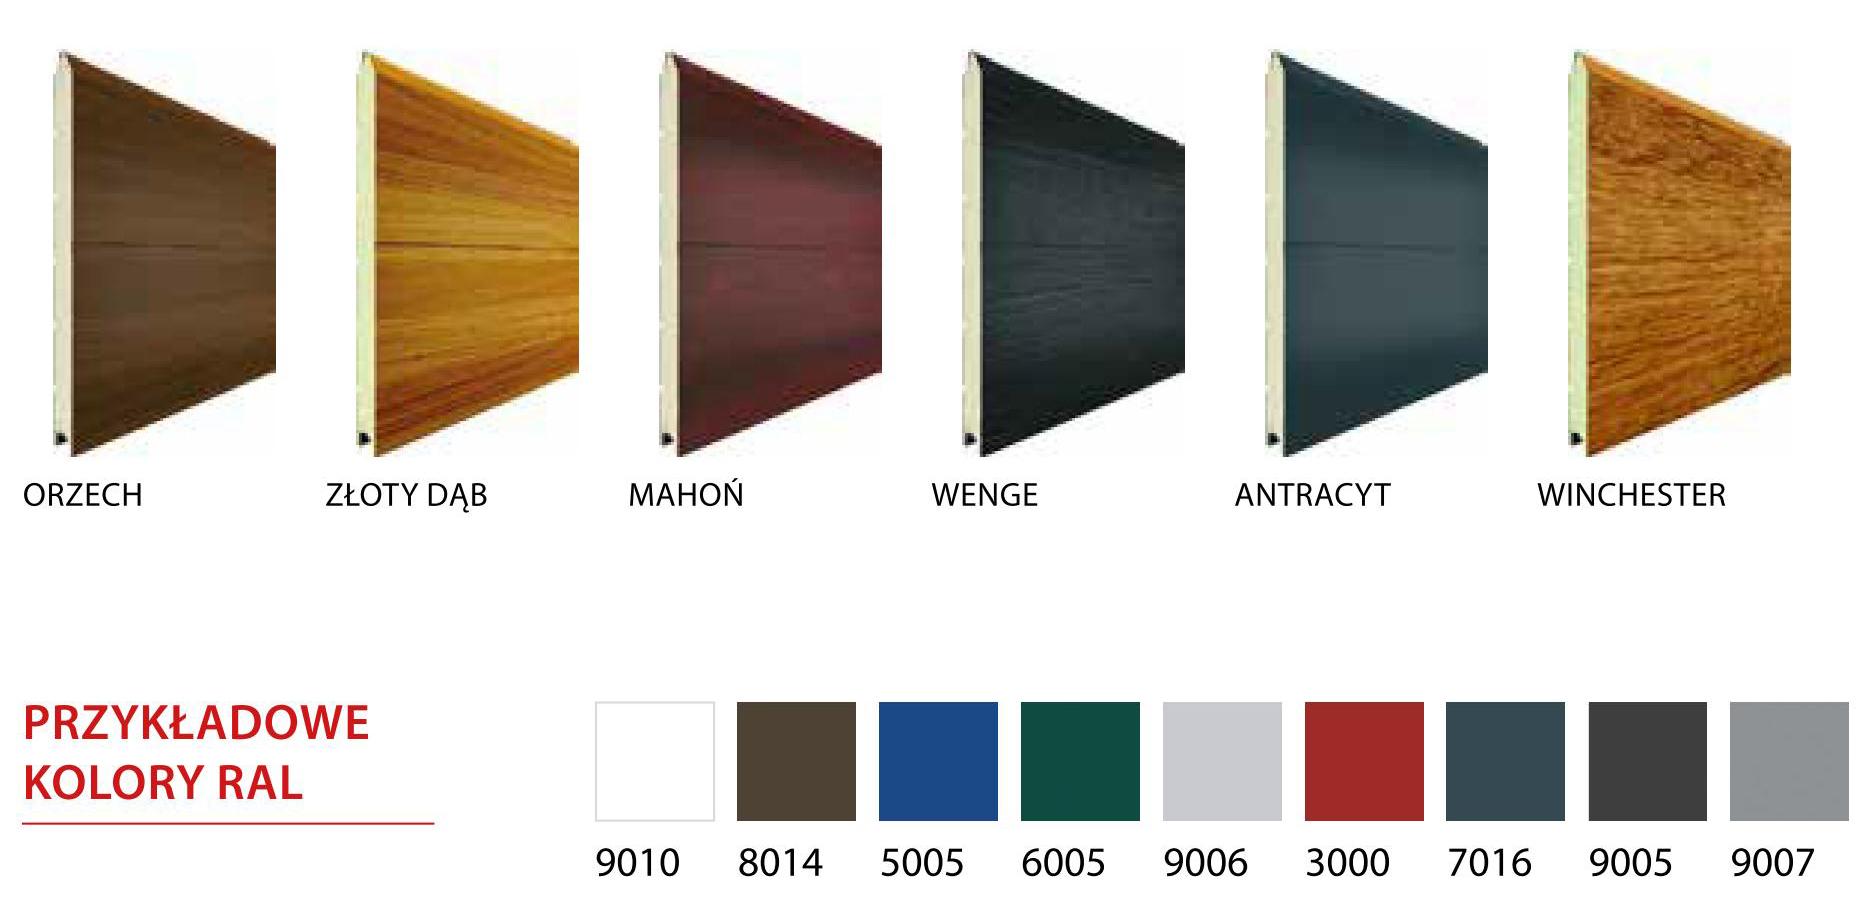 przykładowe kolory ral